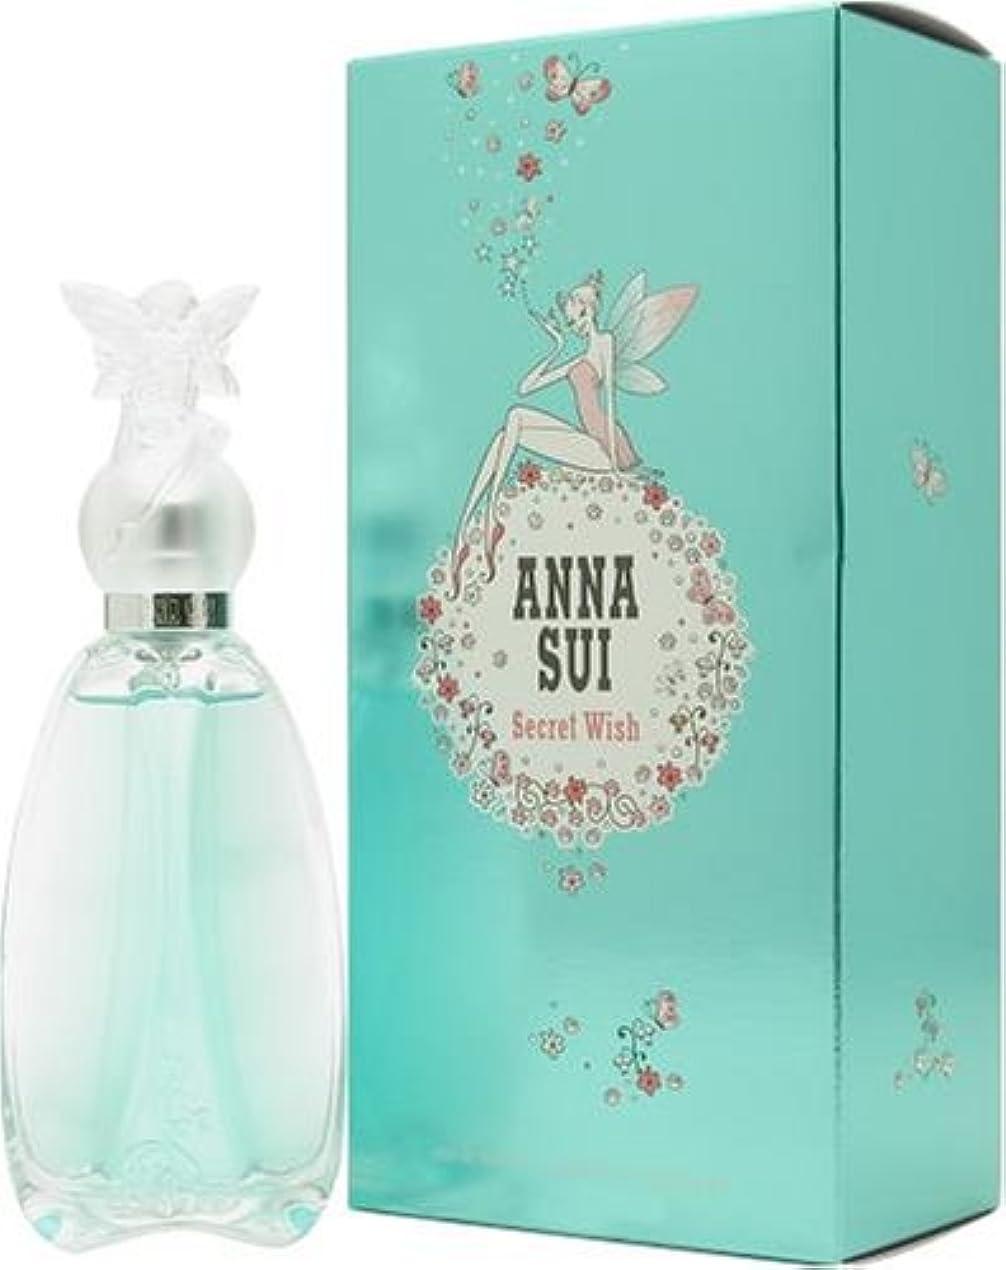 法医学非常に通信網アナスイ ANNA SUI シークレット ウィッシュ オードトワレ EDT 30mL 香水